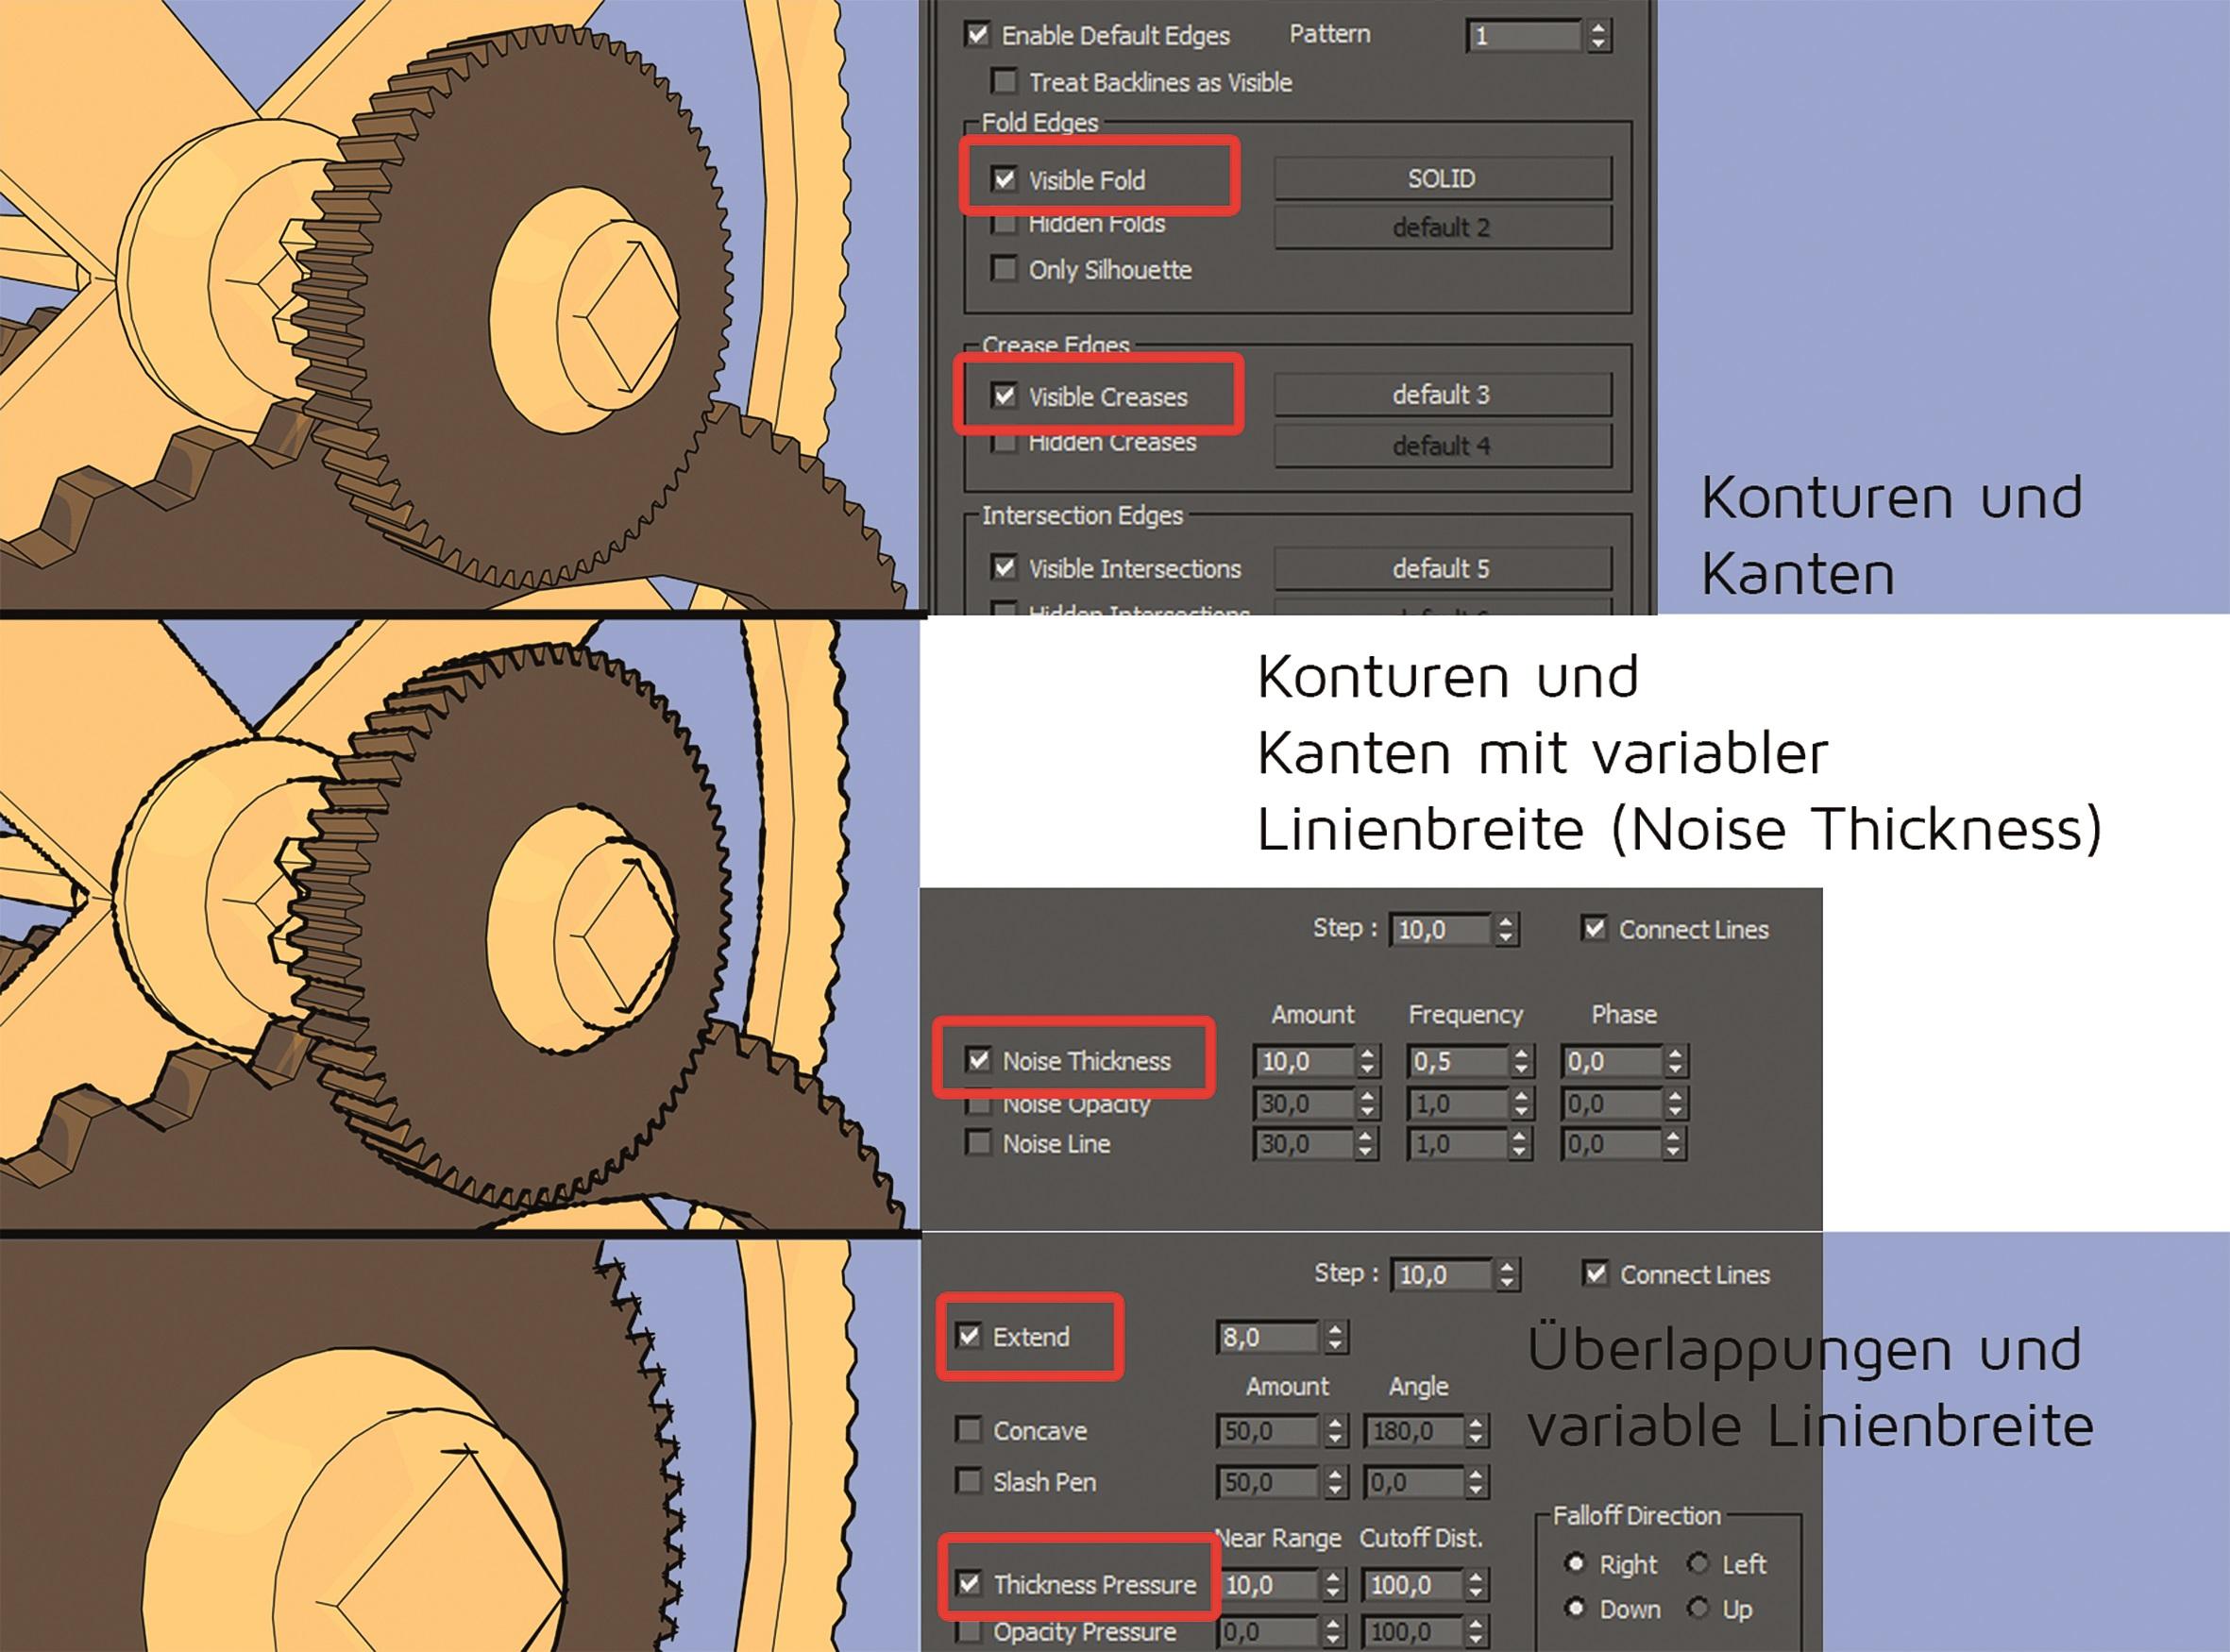 Abbildung 6: Linientypen und Einstellungen